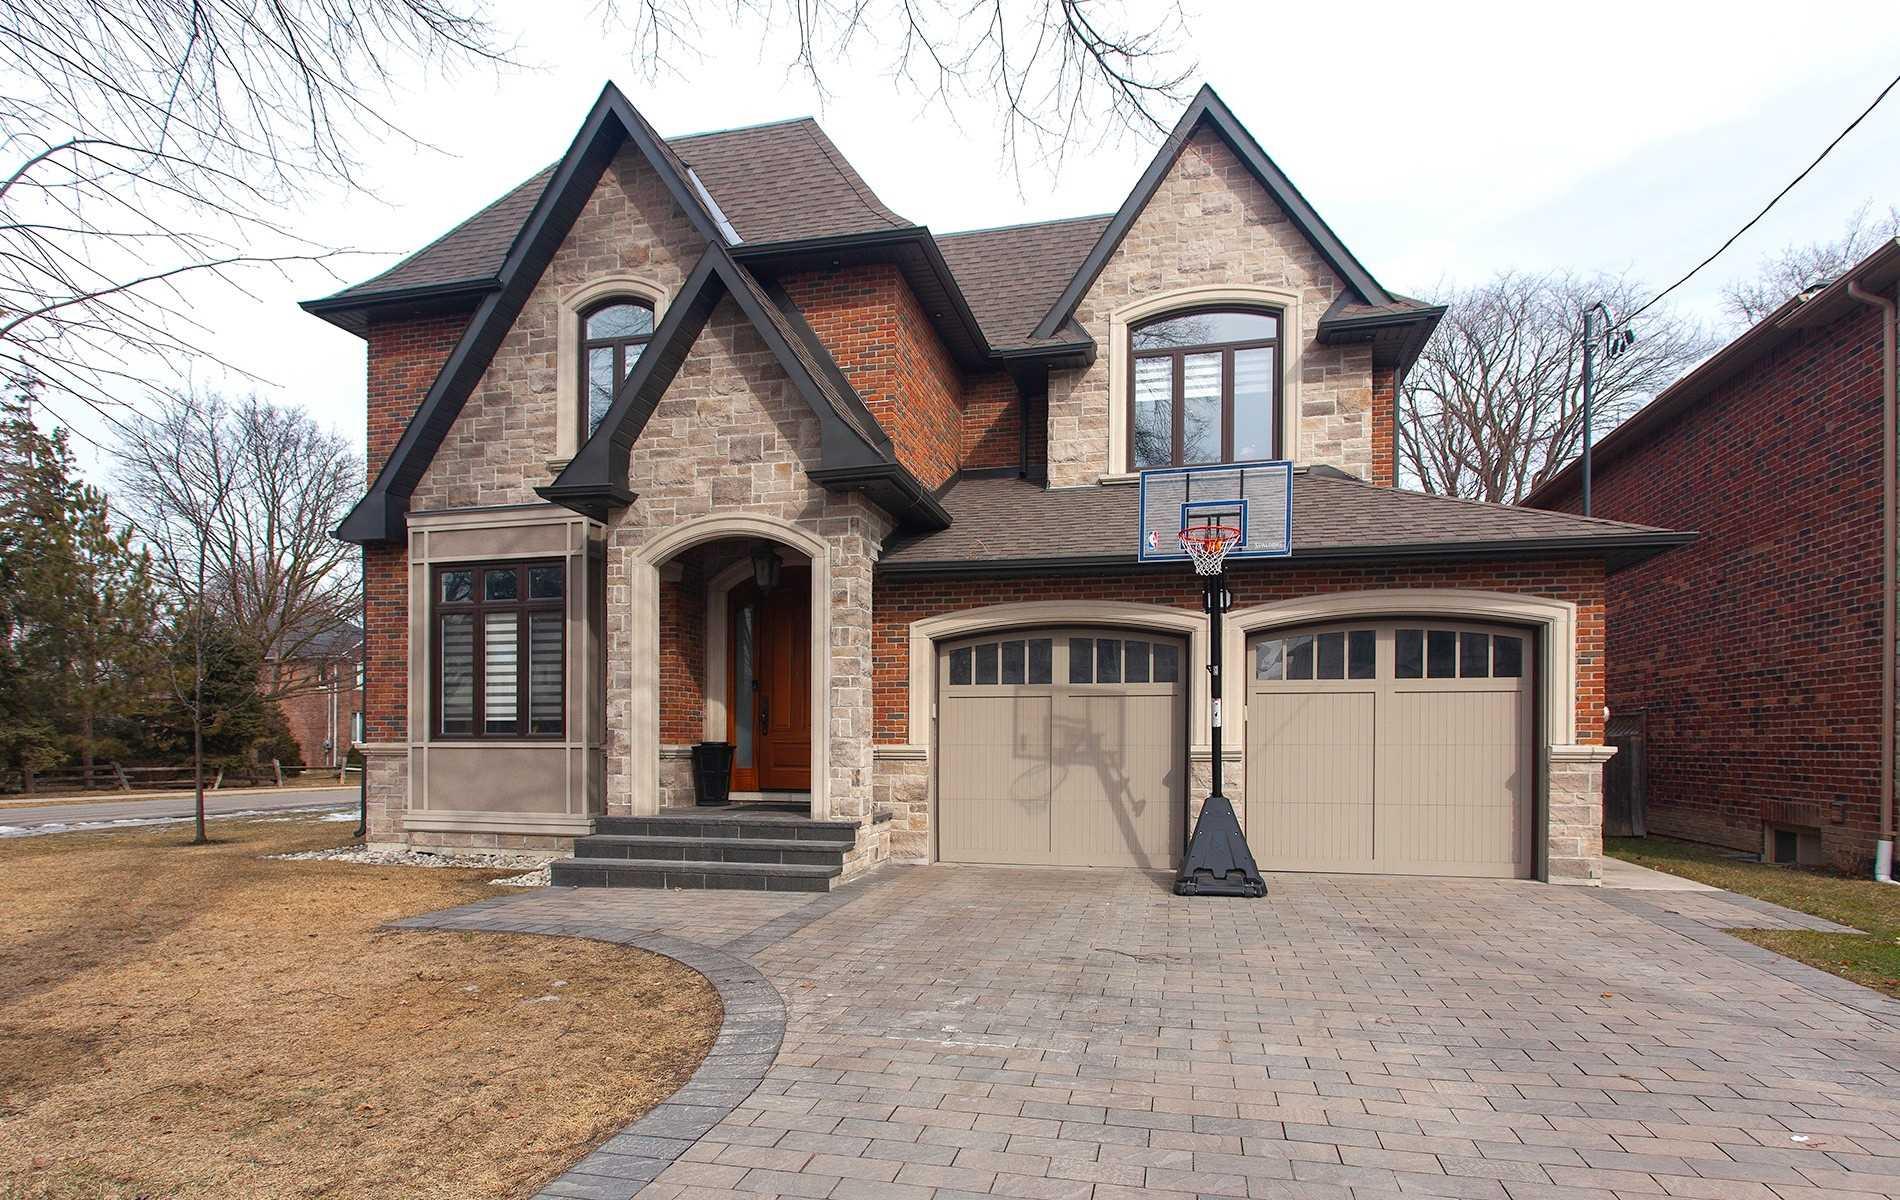 121 Laurel Ave, Toronto, Ontario M9B 4T3, 4 Bedrooms Bedrooms, 9 Rooms Rooms,5 BathroomsBathrooms,Detached,For Sale,Laurel,W5149382